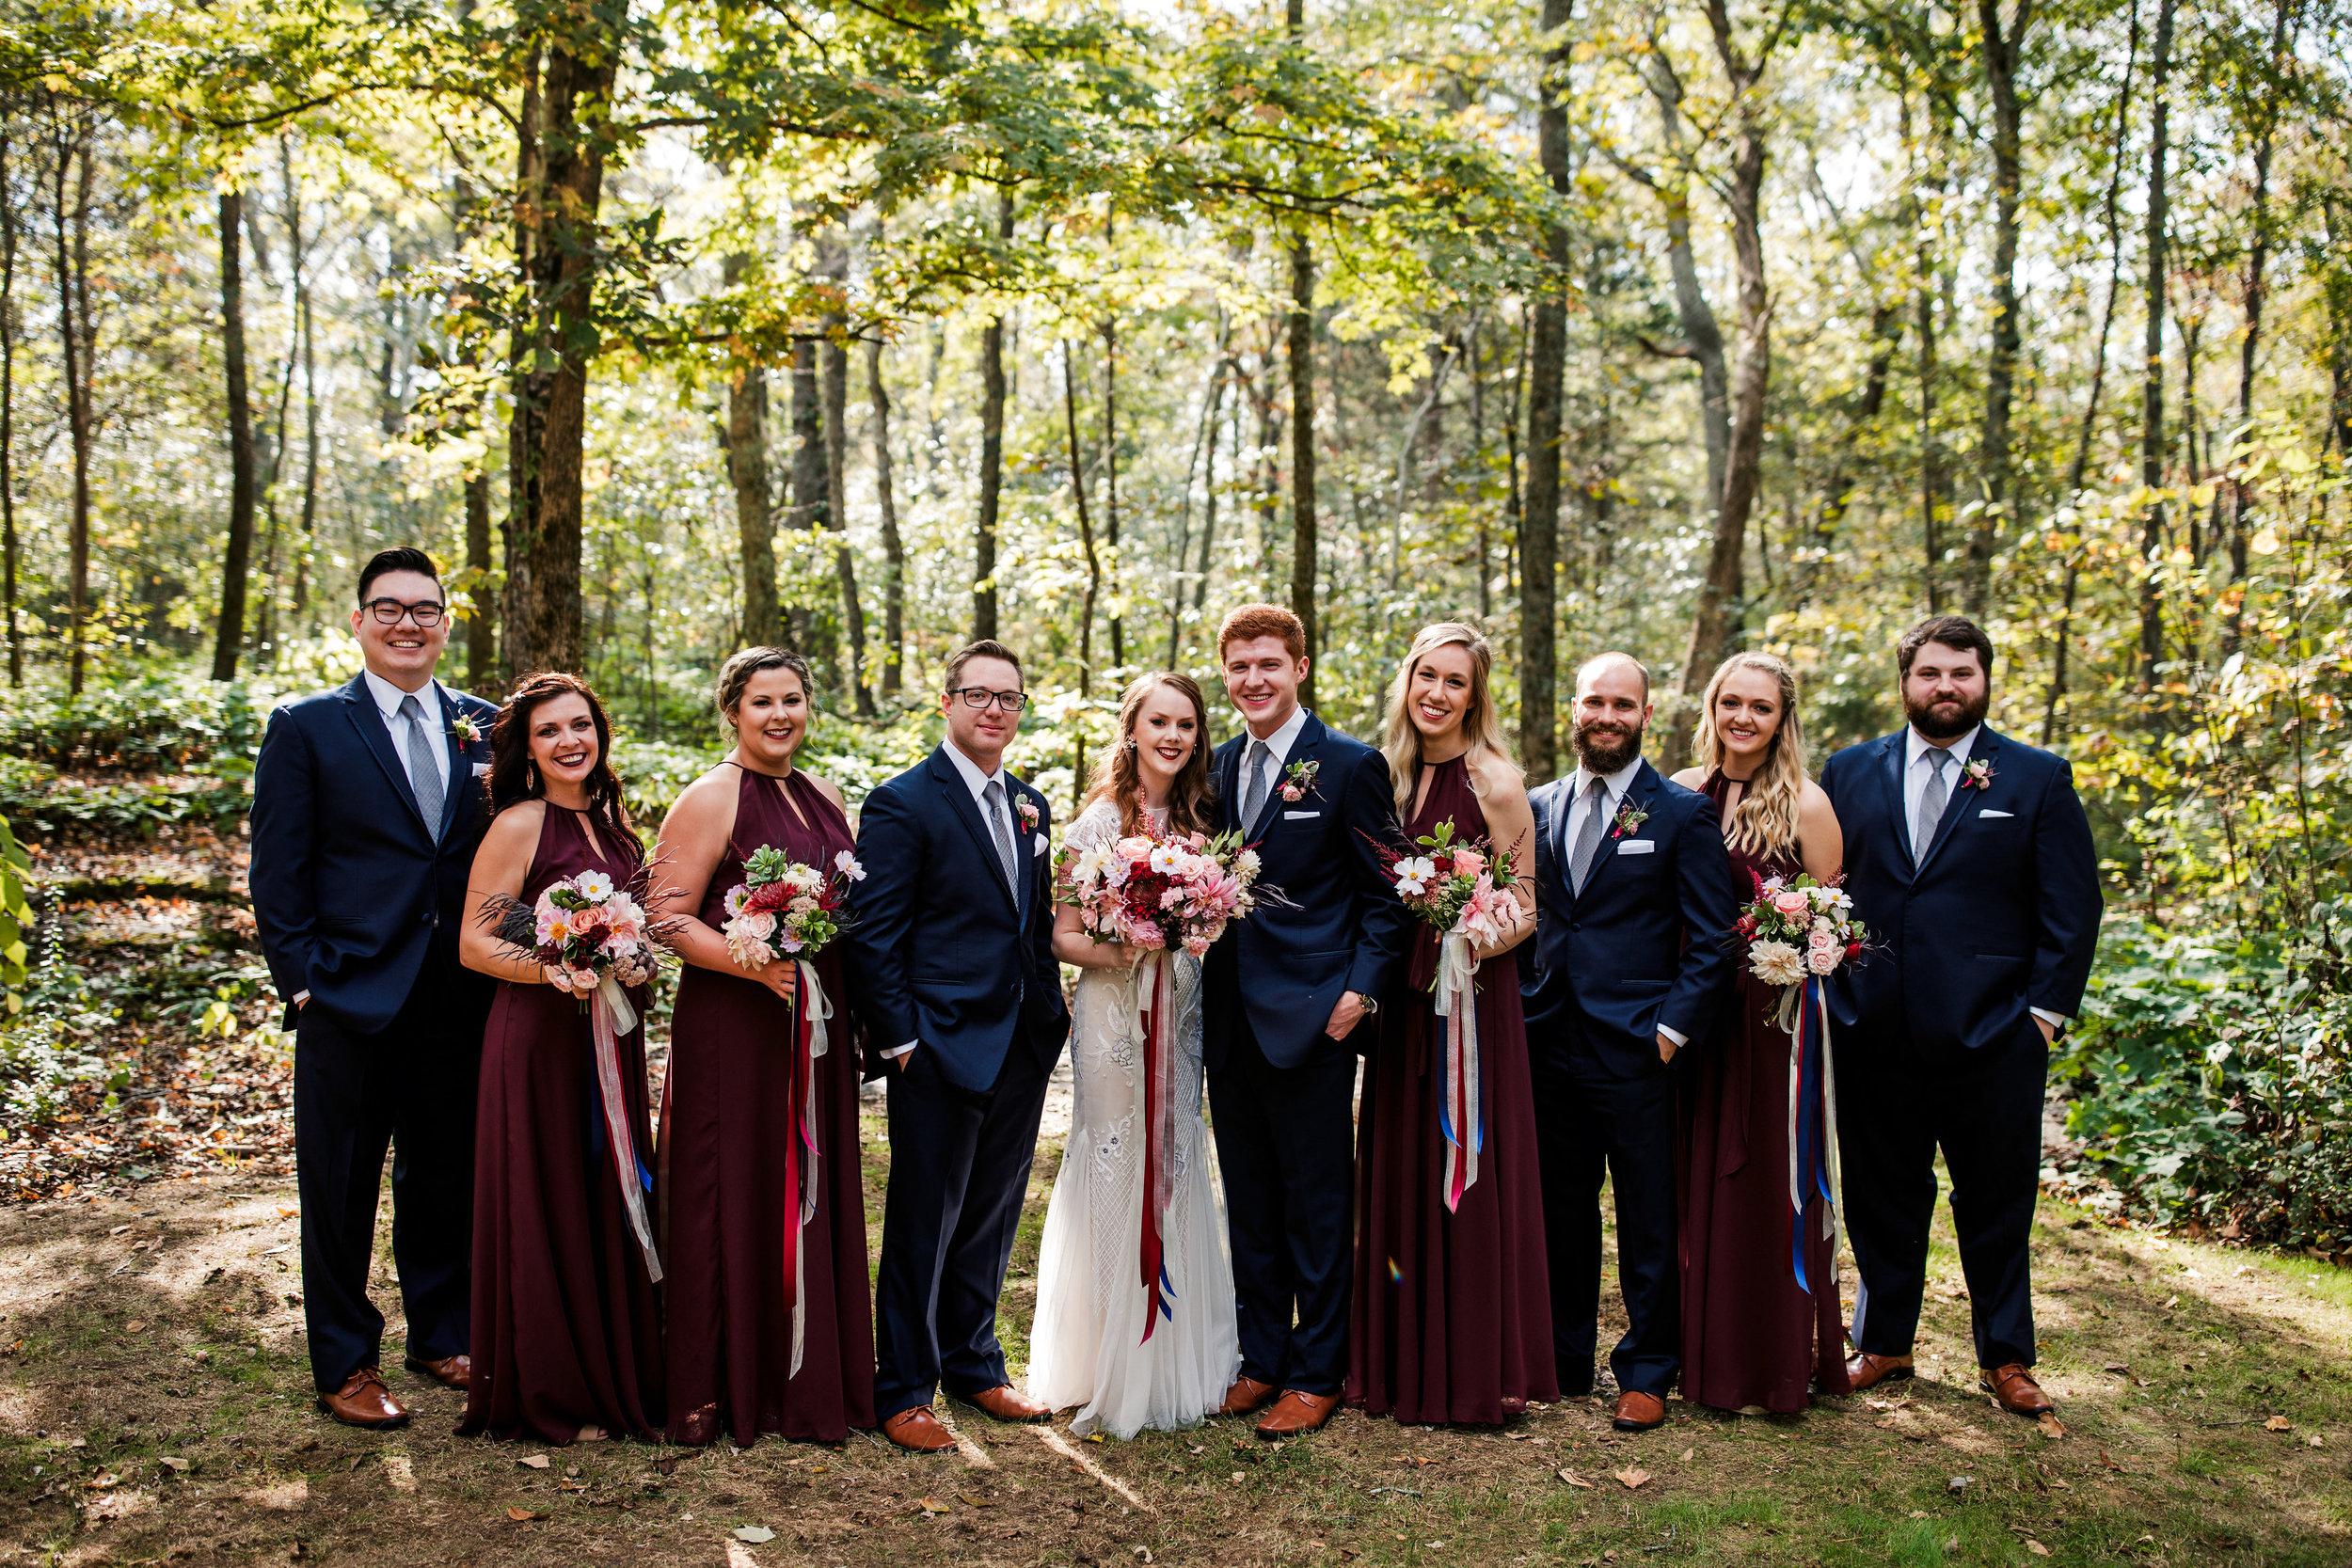 Wrens-Nest-Wedding-Murfreesboro-TN 15.jpg